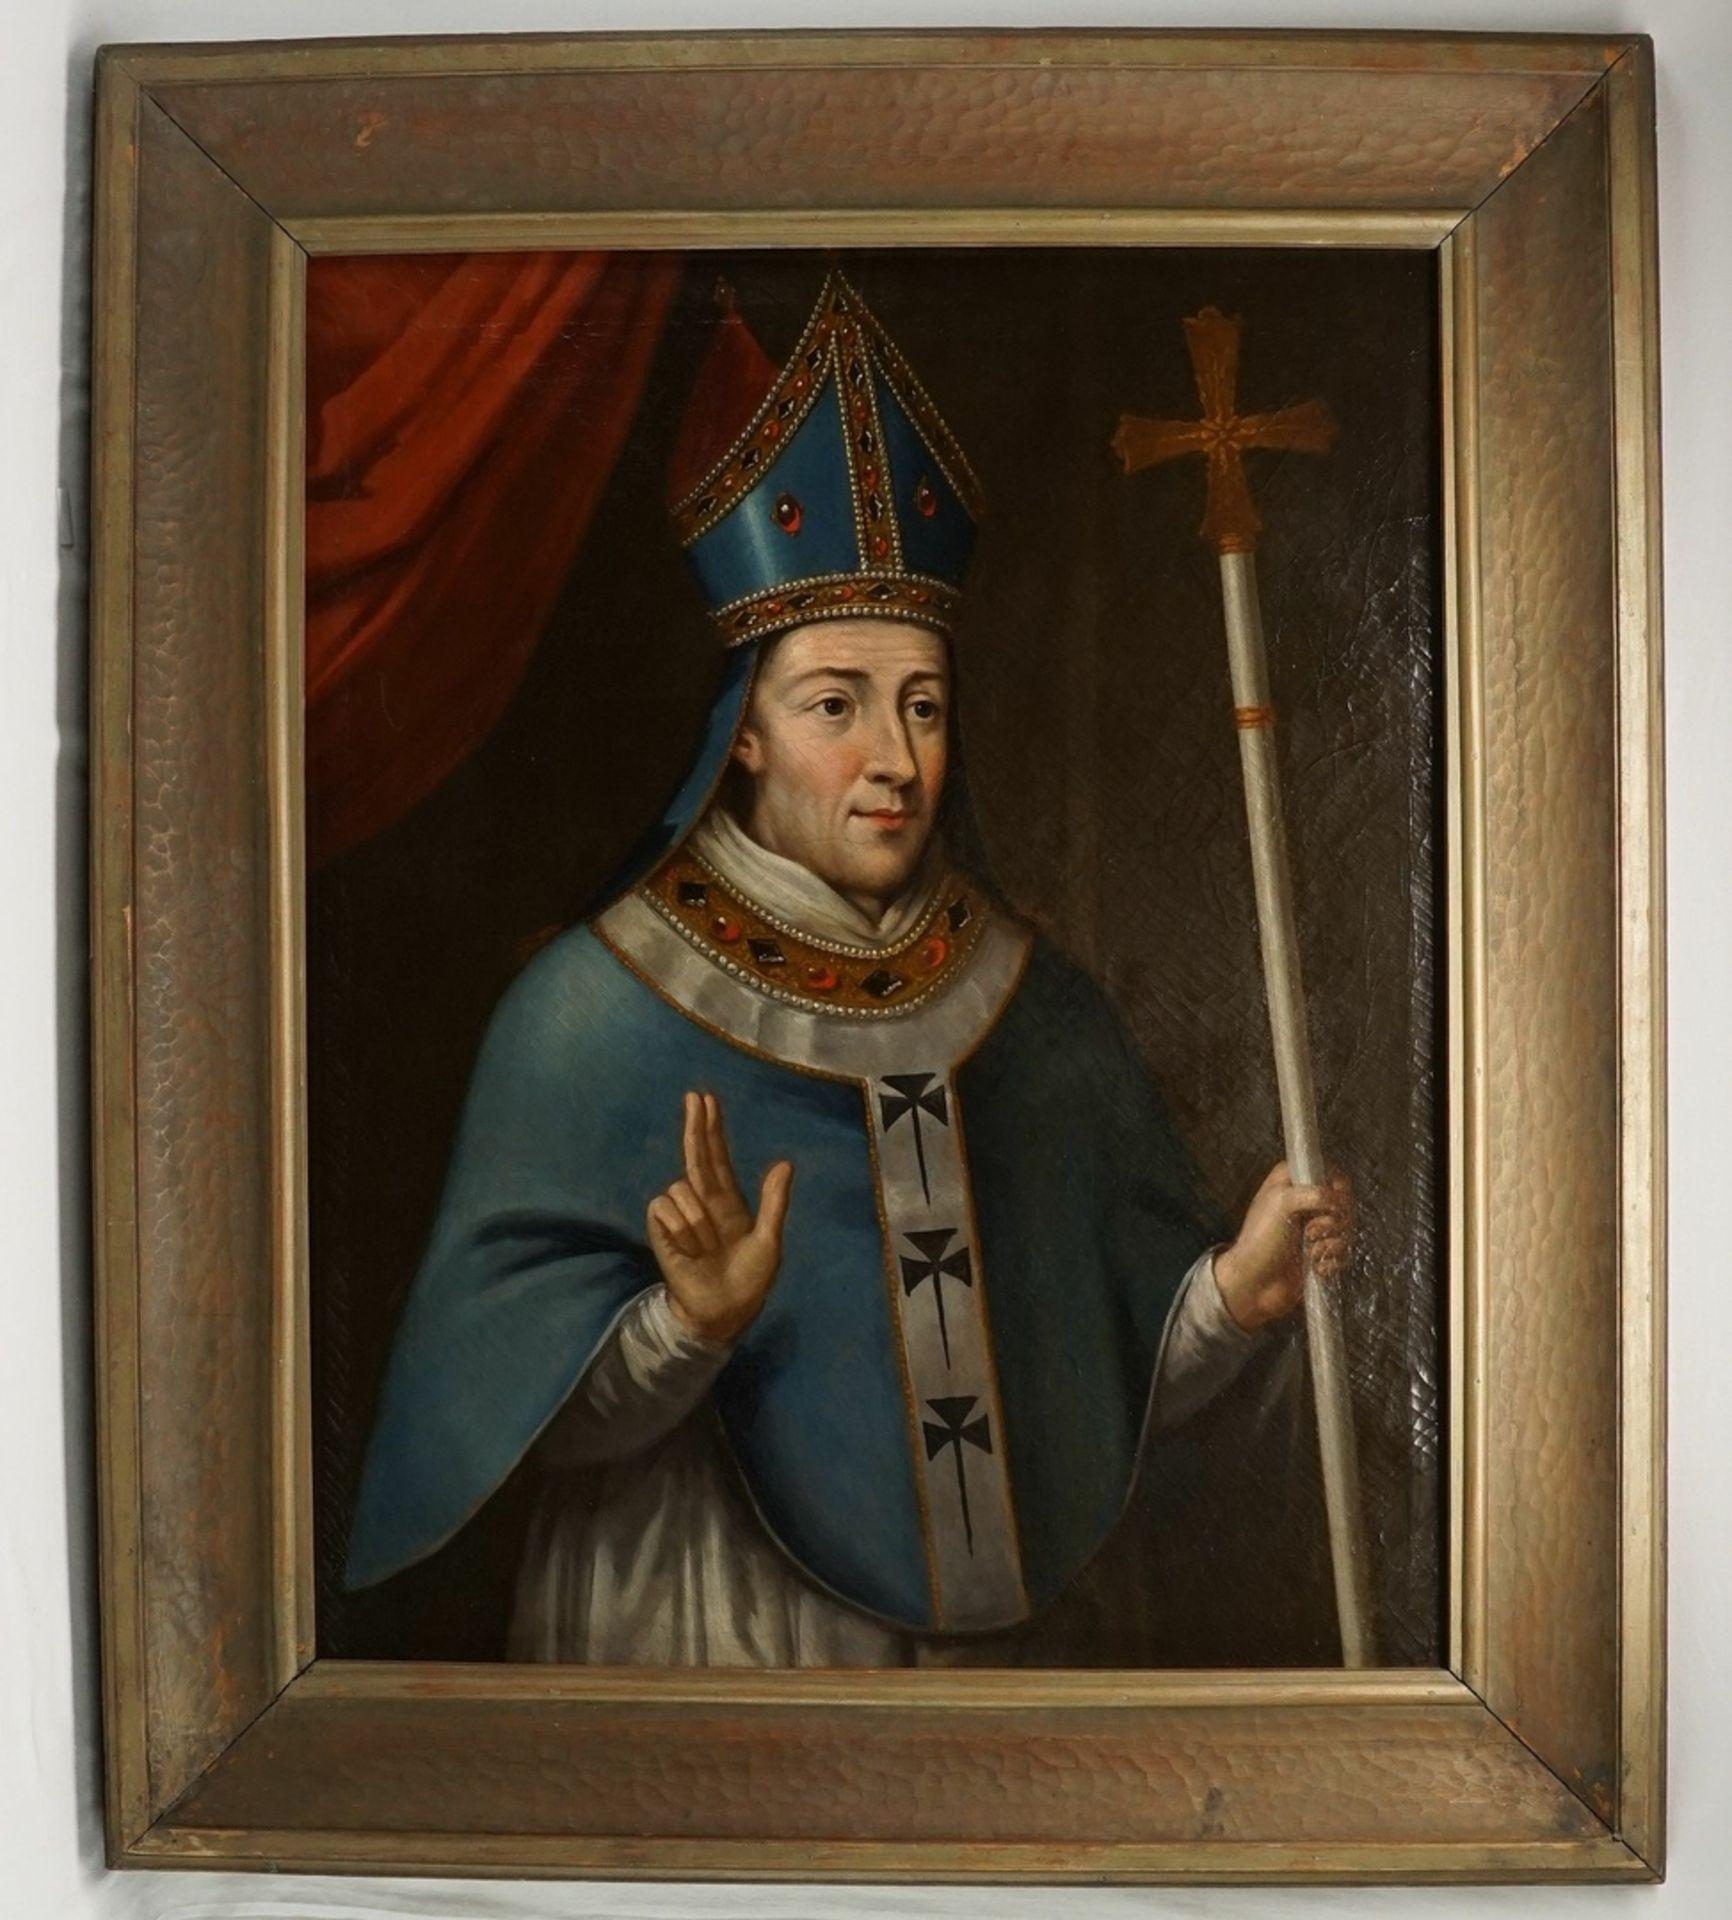 Unbekannter englischer Künstler, Henry Chichele (Chicheley), Erzbischof von Canterbury (1364-1443) - Bild 2 aus 6